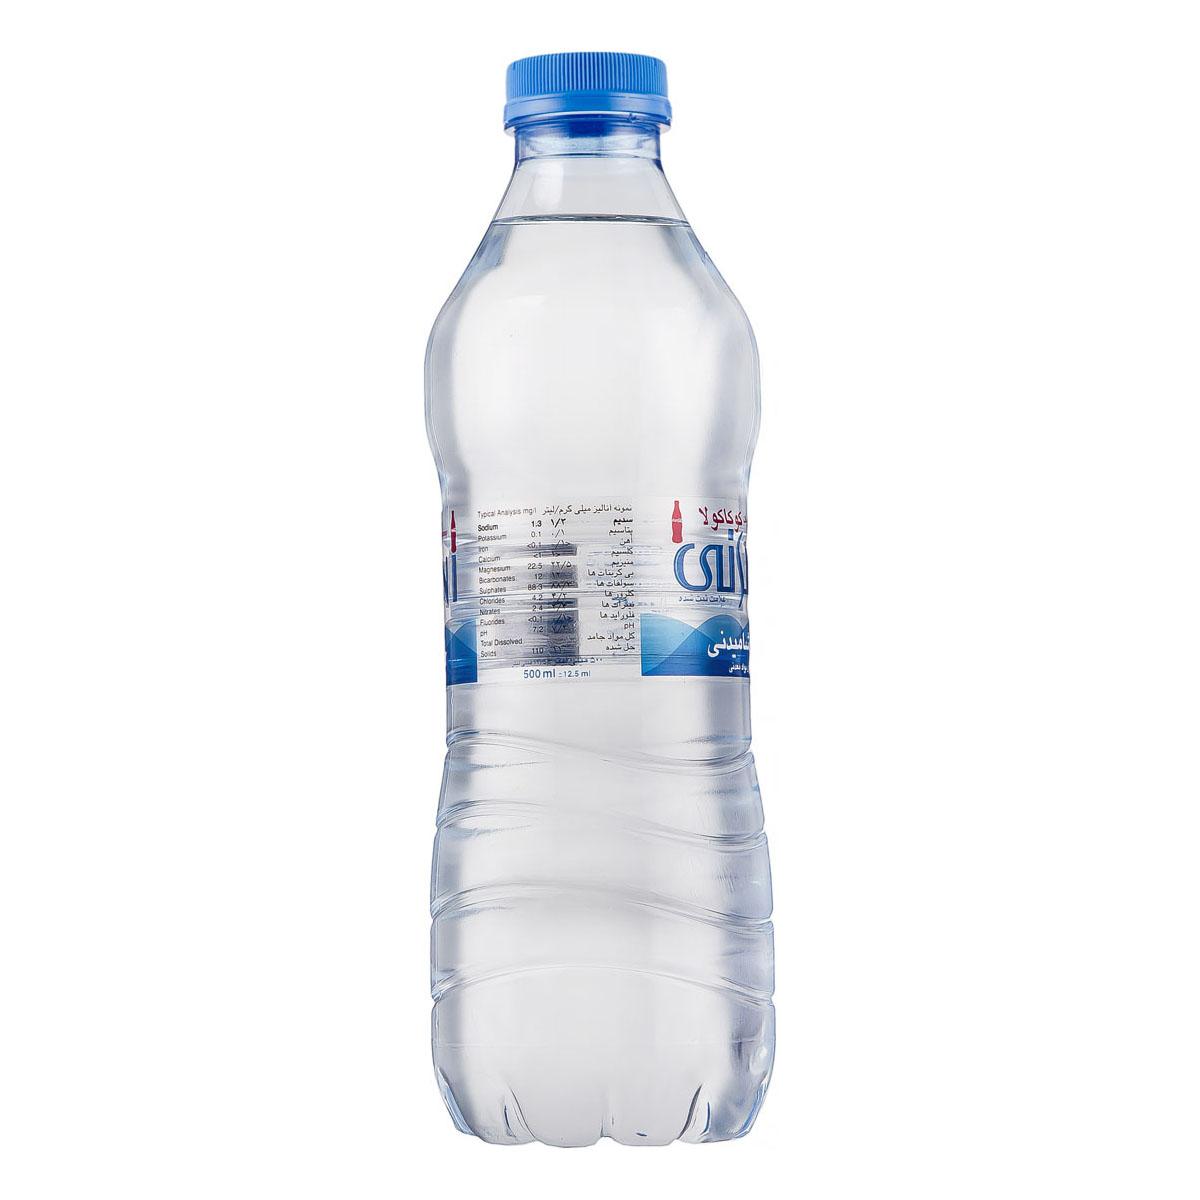 آب آشاميدنی 500ml دسانی - آب آشاميدنی 500 میلیلیتری دسانی